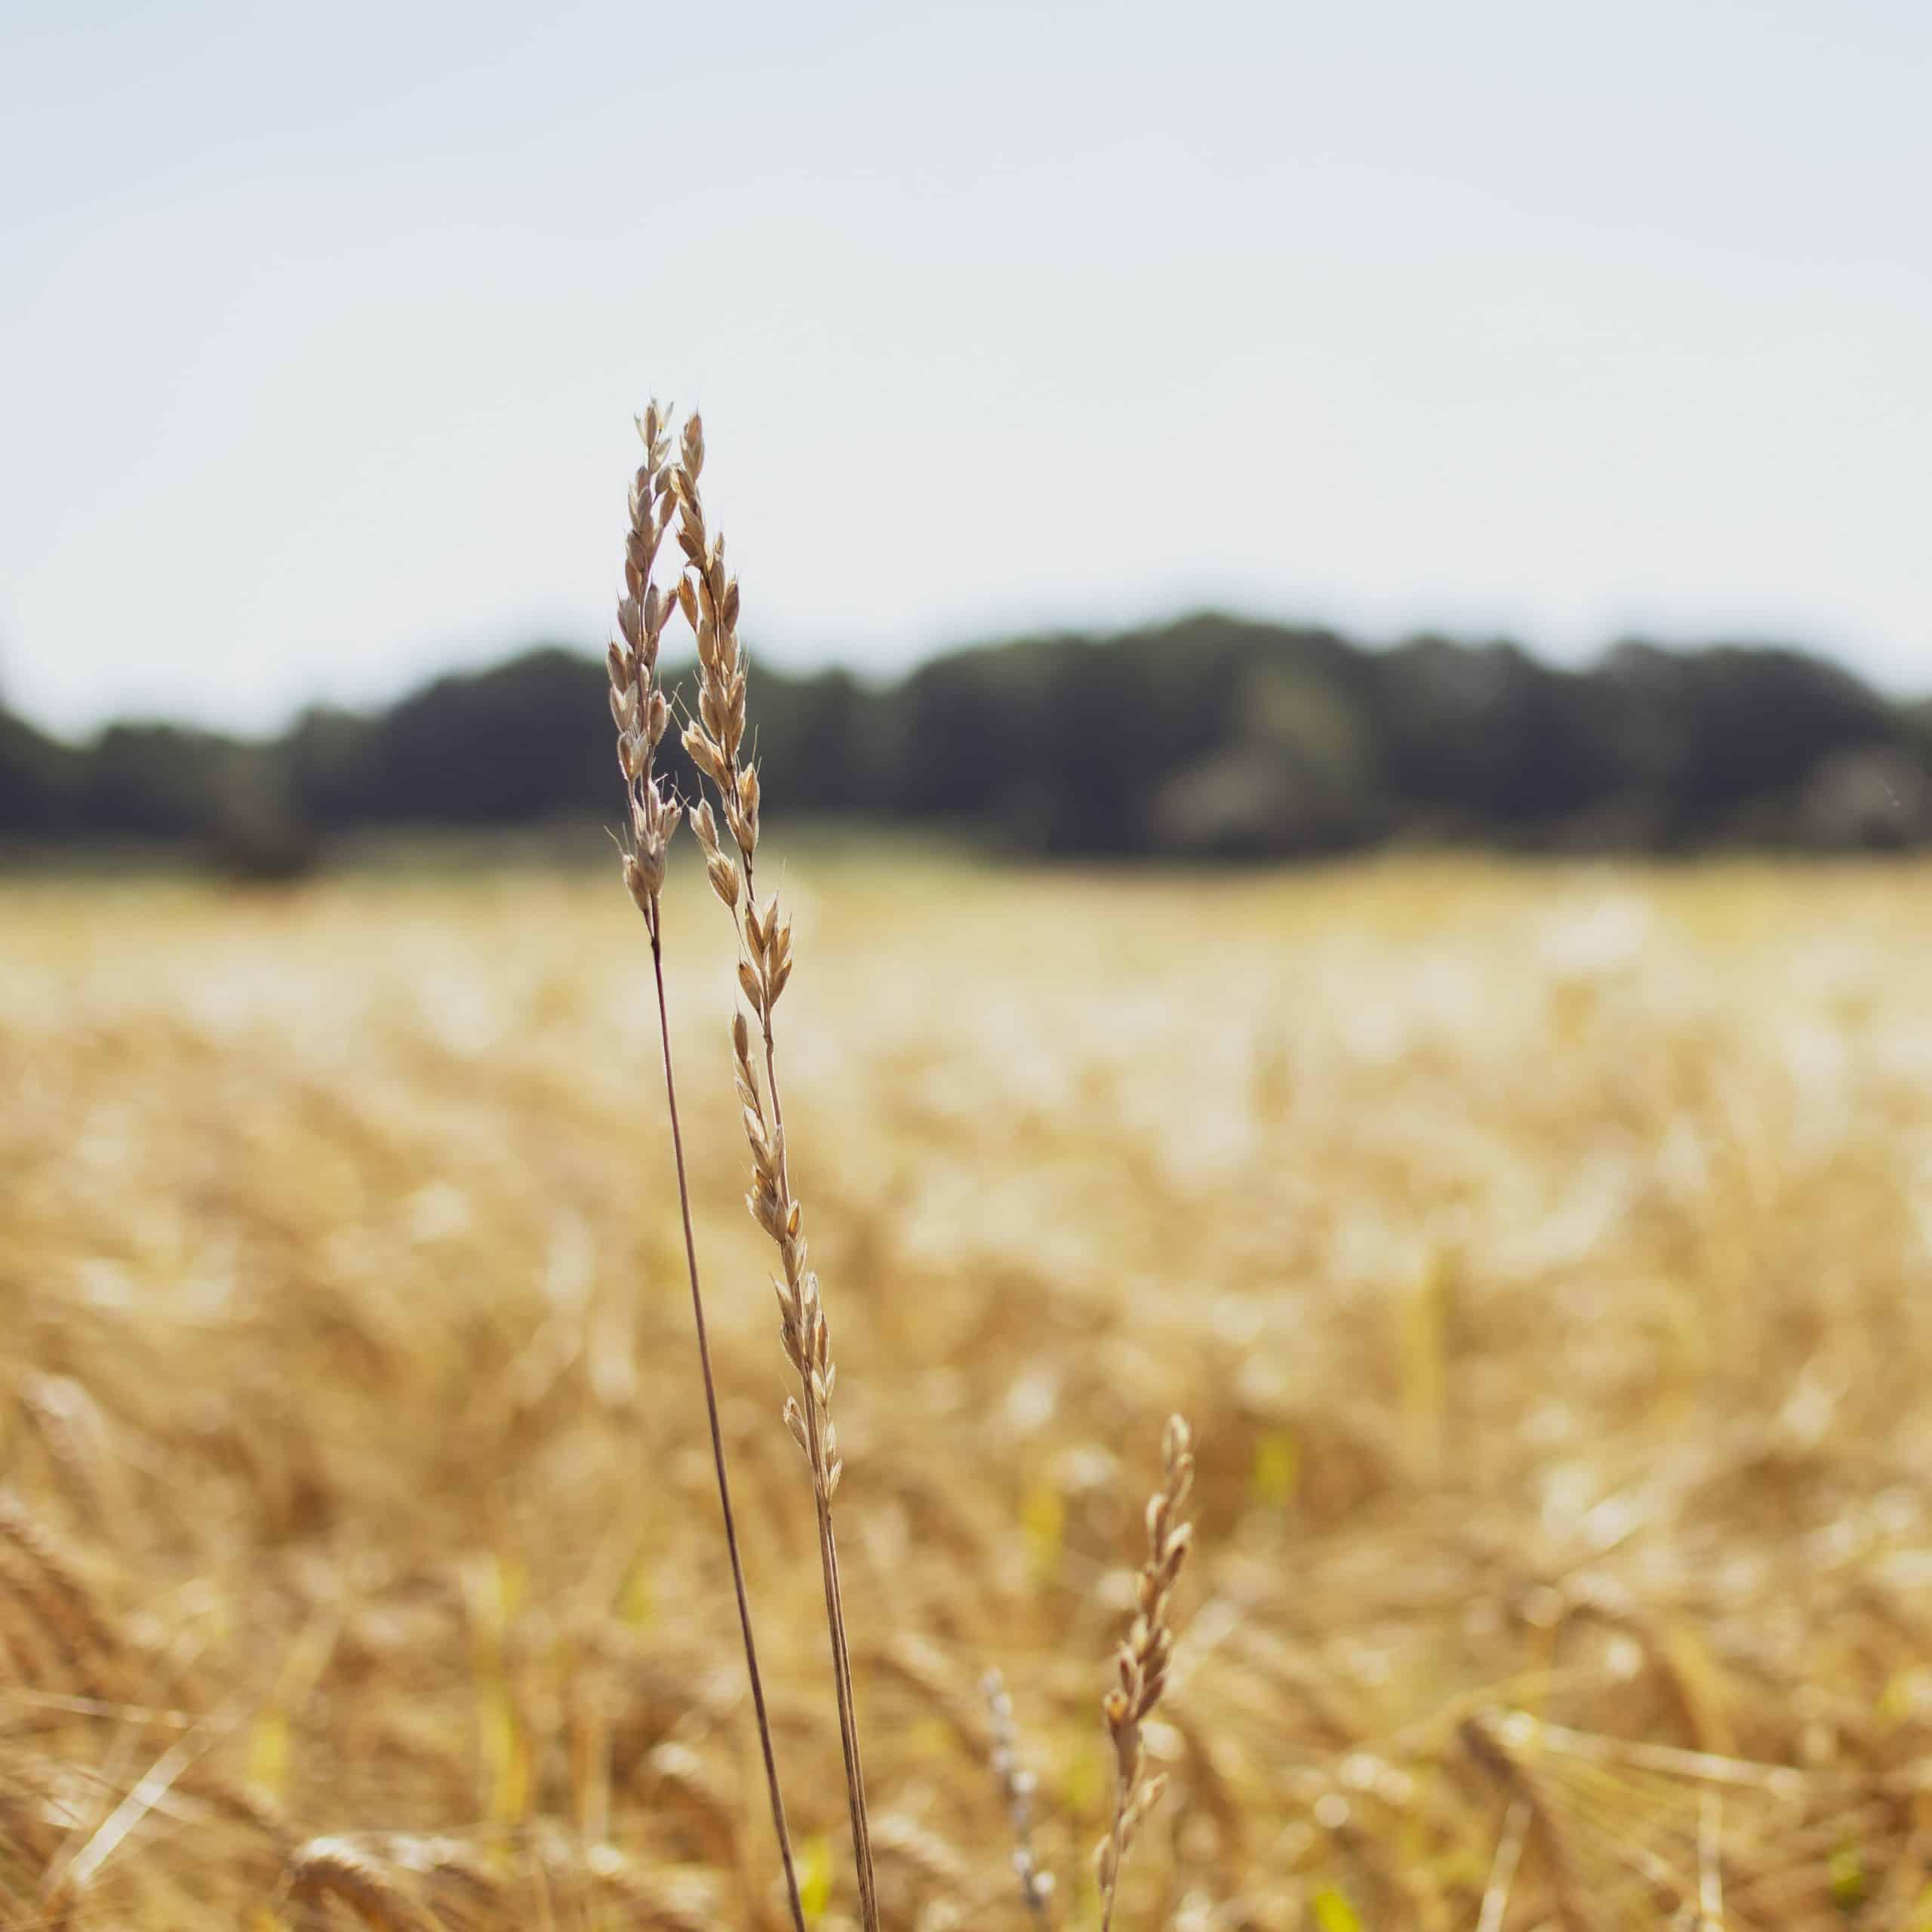 Ob Glutensensitivität, Laktose- und Fruktoseintoleranz oder Allergien, wie beispielsweise gegenüber Eiweiß – die Kritiker fragen sich: Wie kann es sein, dass Lebensmittel, die so lange Zeit die Menschheit ernähren, heute krank machen?